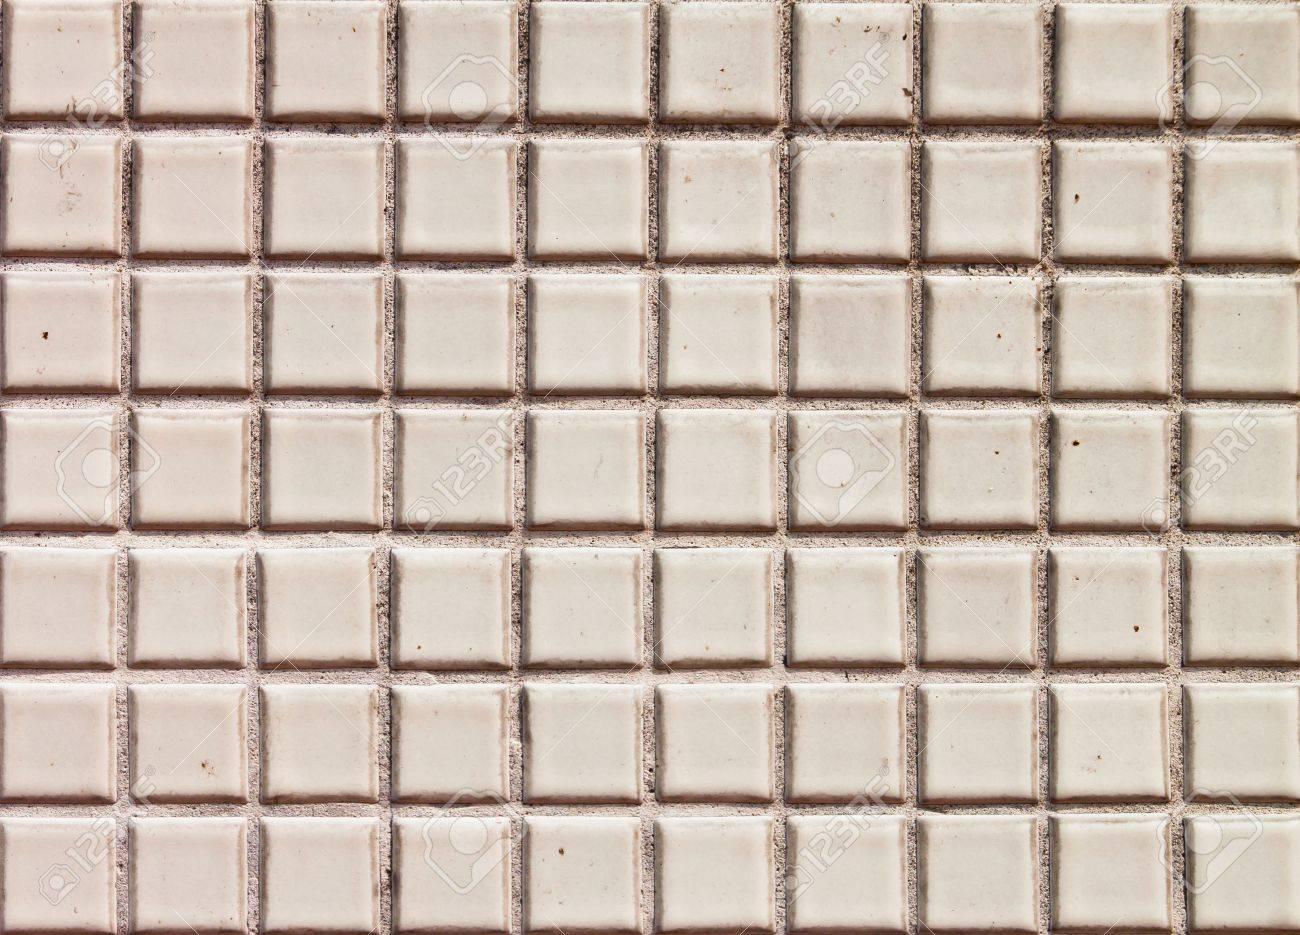 Seamless White Square Tiles Texture Stock Photo